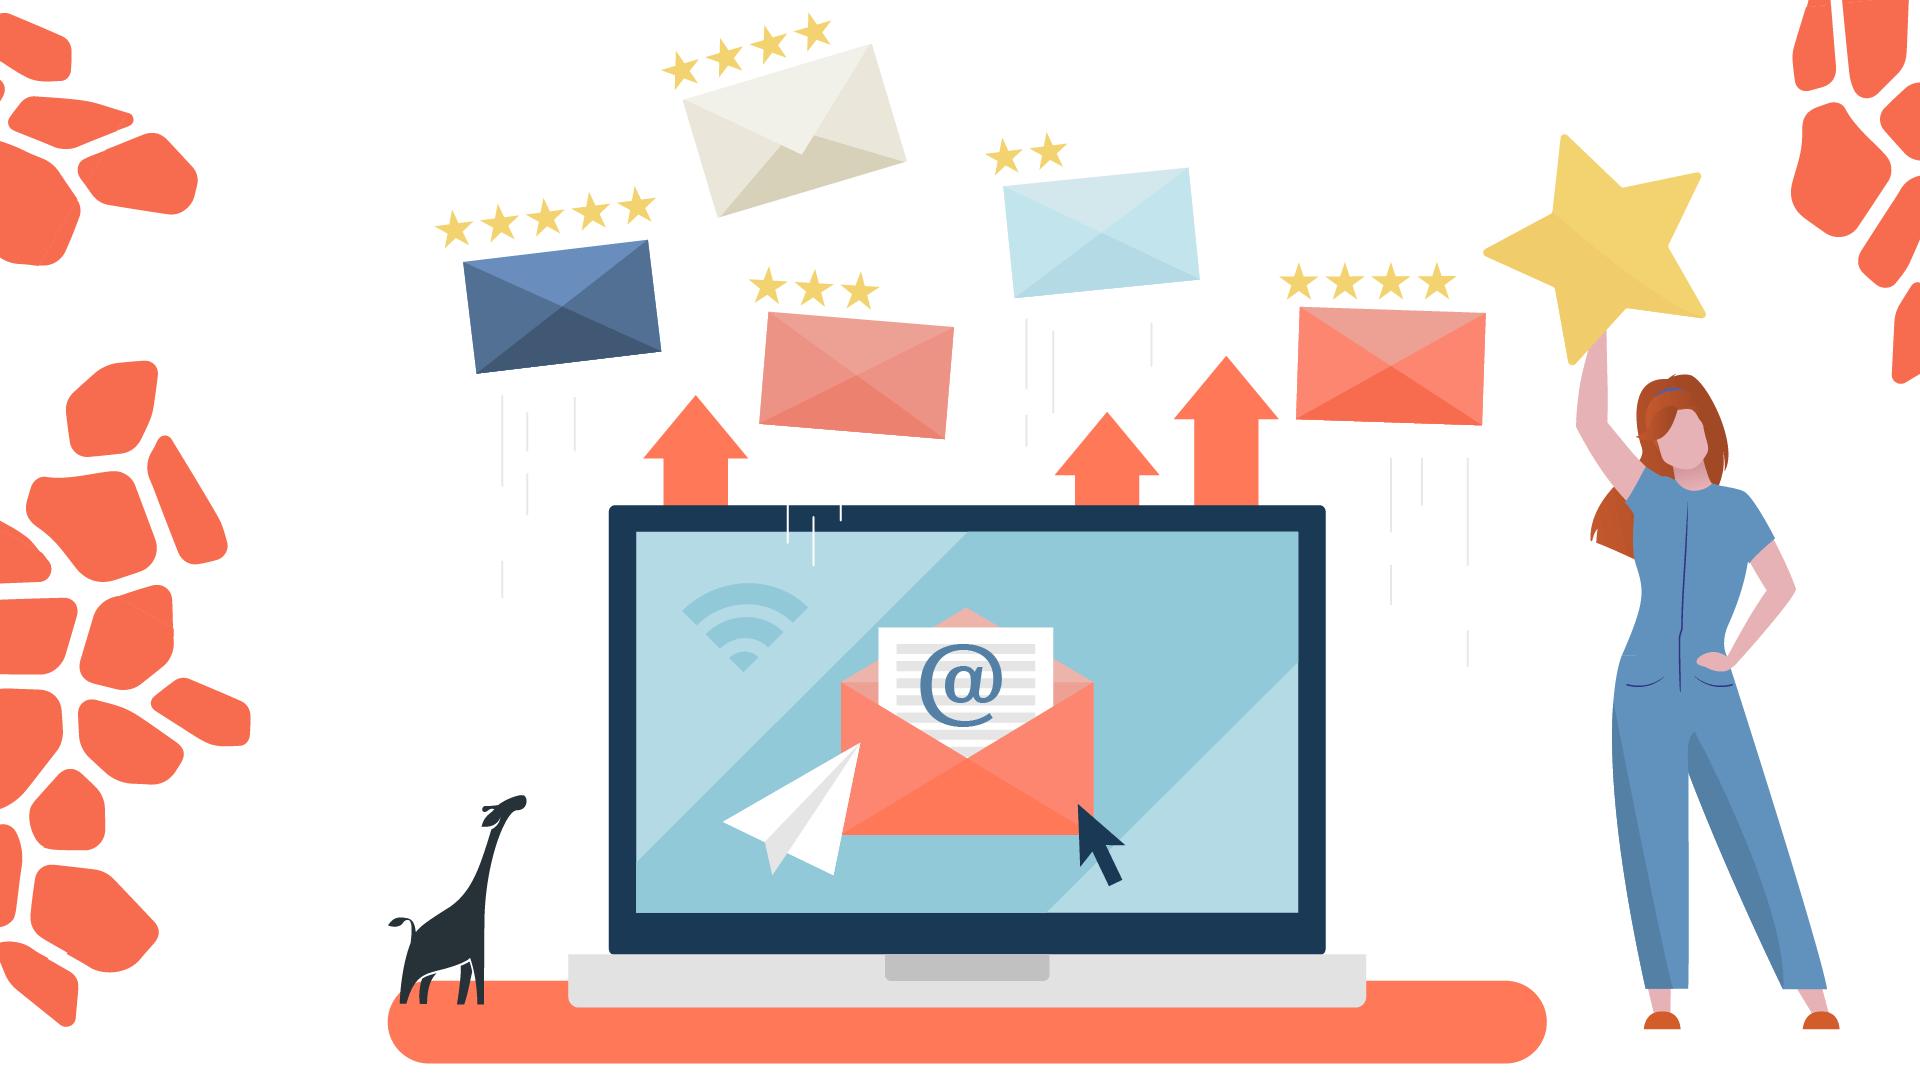 Ranking narzędzi dotworzenia newslettera imailingu – 4 najlepsze rozwiązania! 1